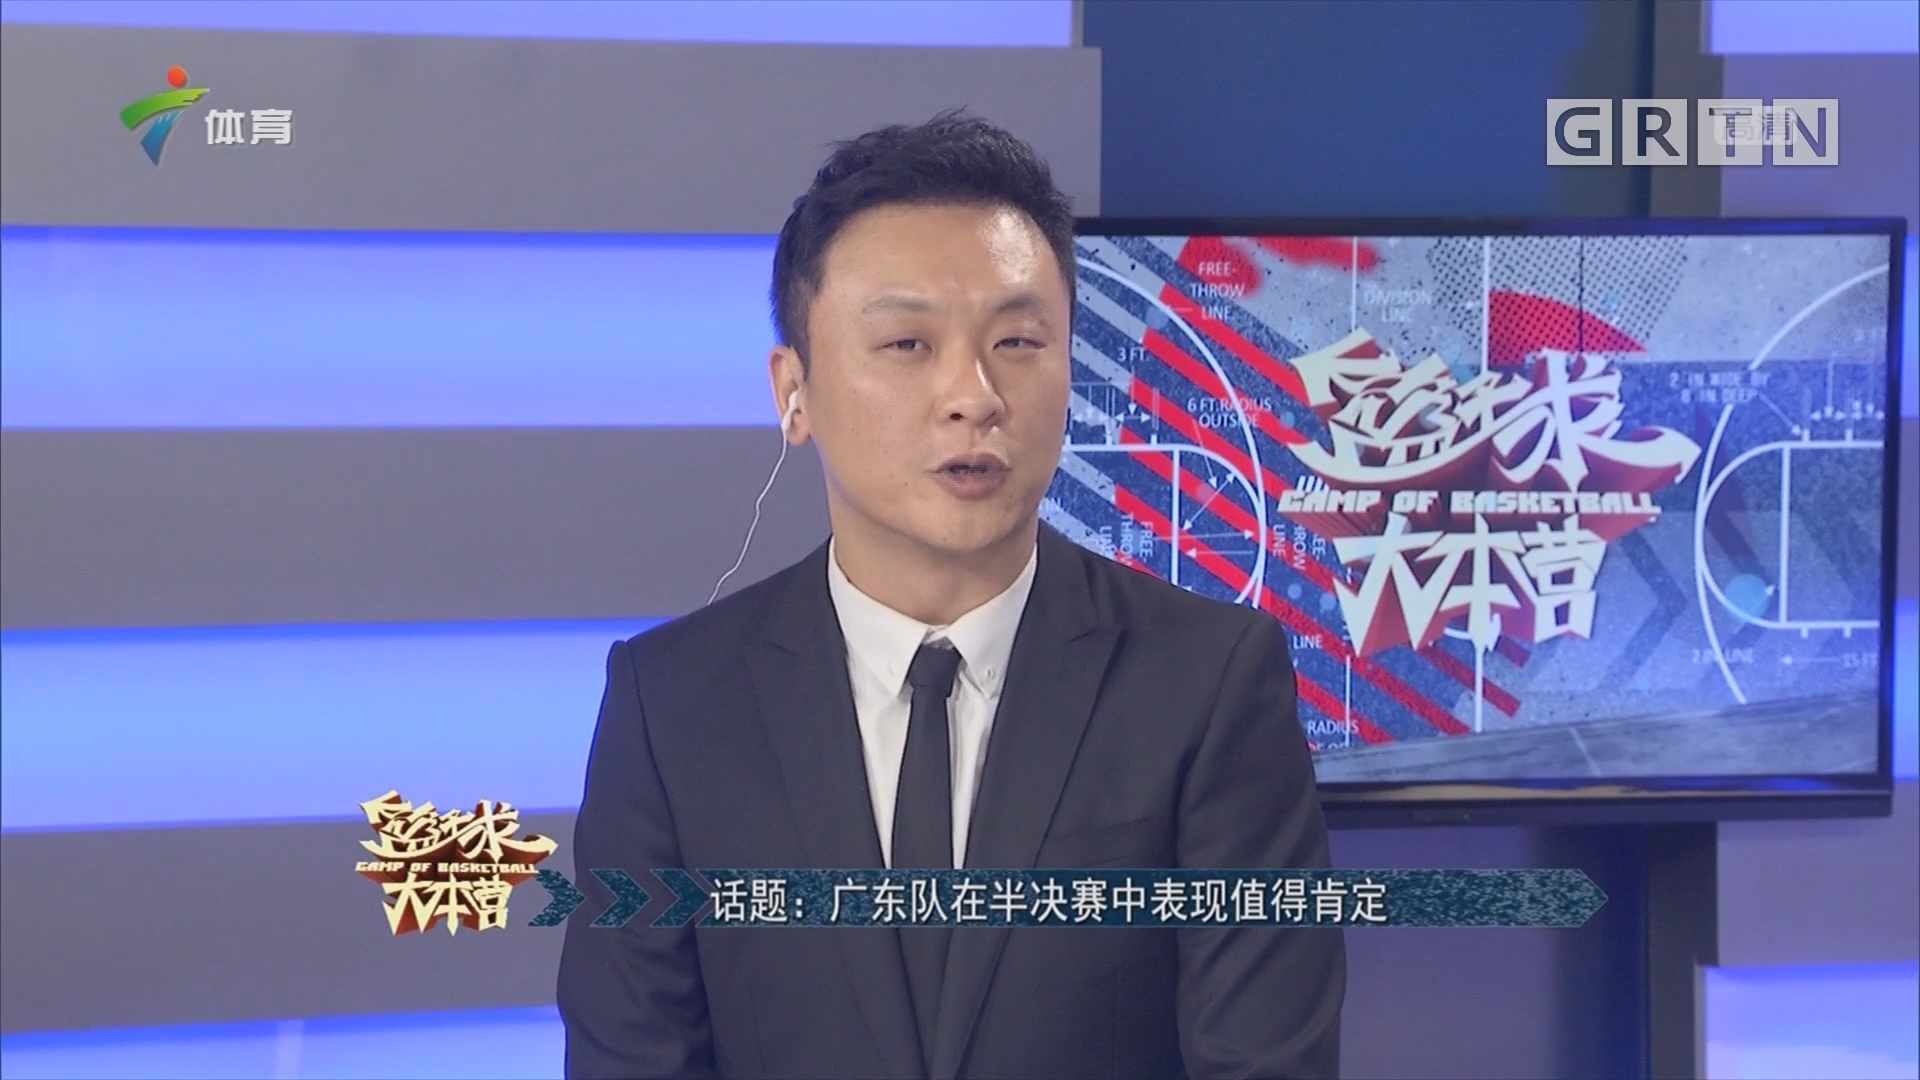 话题:广东队在半决赛中表现值得肯定